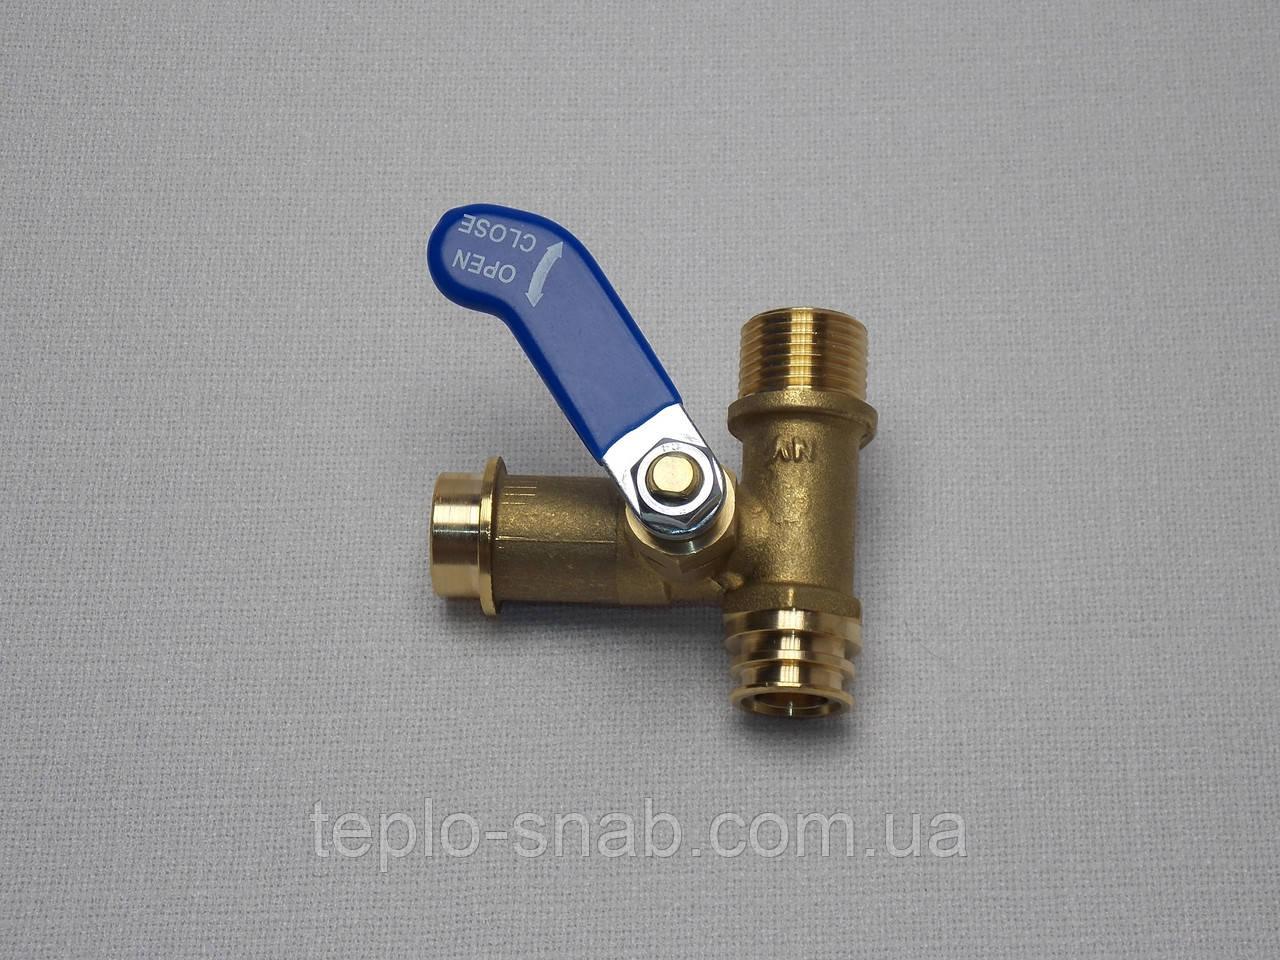 Кран подпитки (наполнения) Ferroli Domicompact, Domiproject C32, F32, FerEasy C32, F32. 39818280